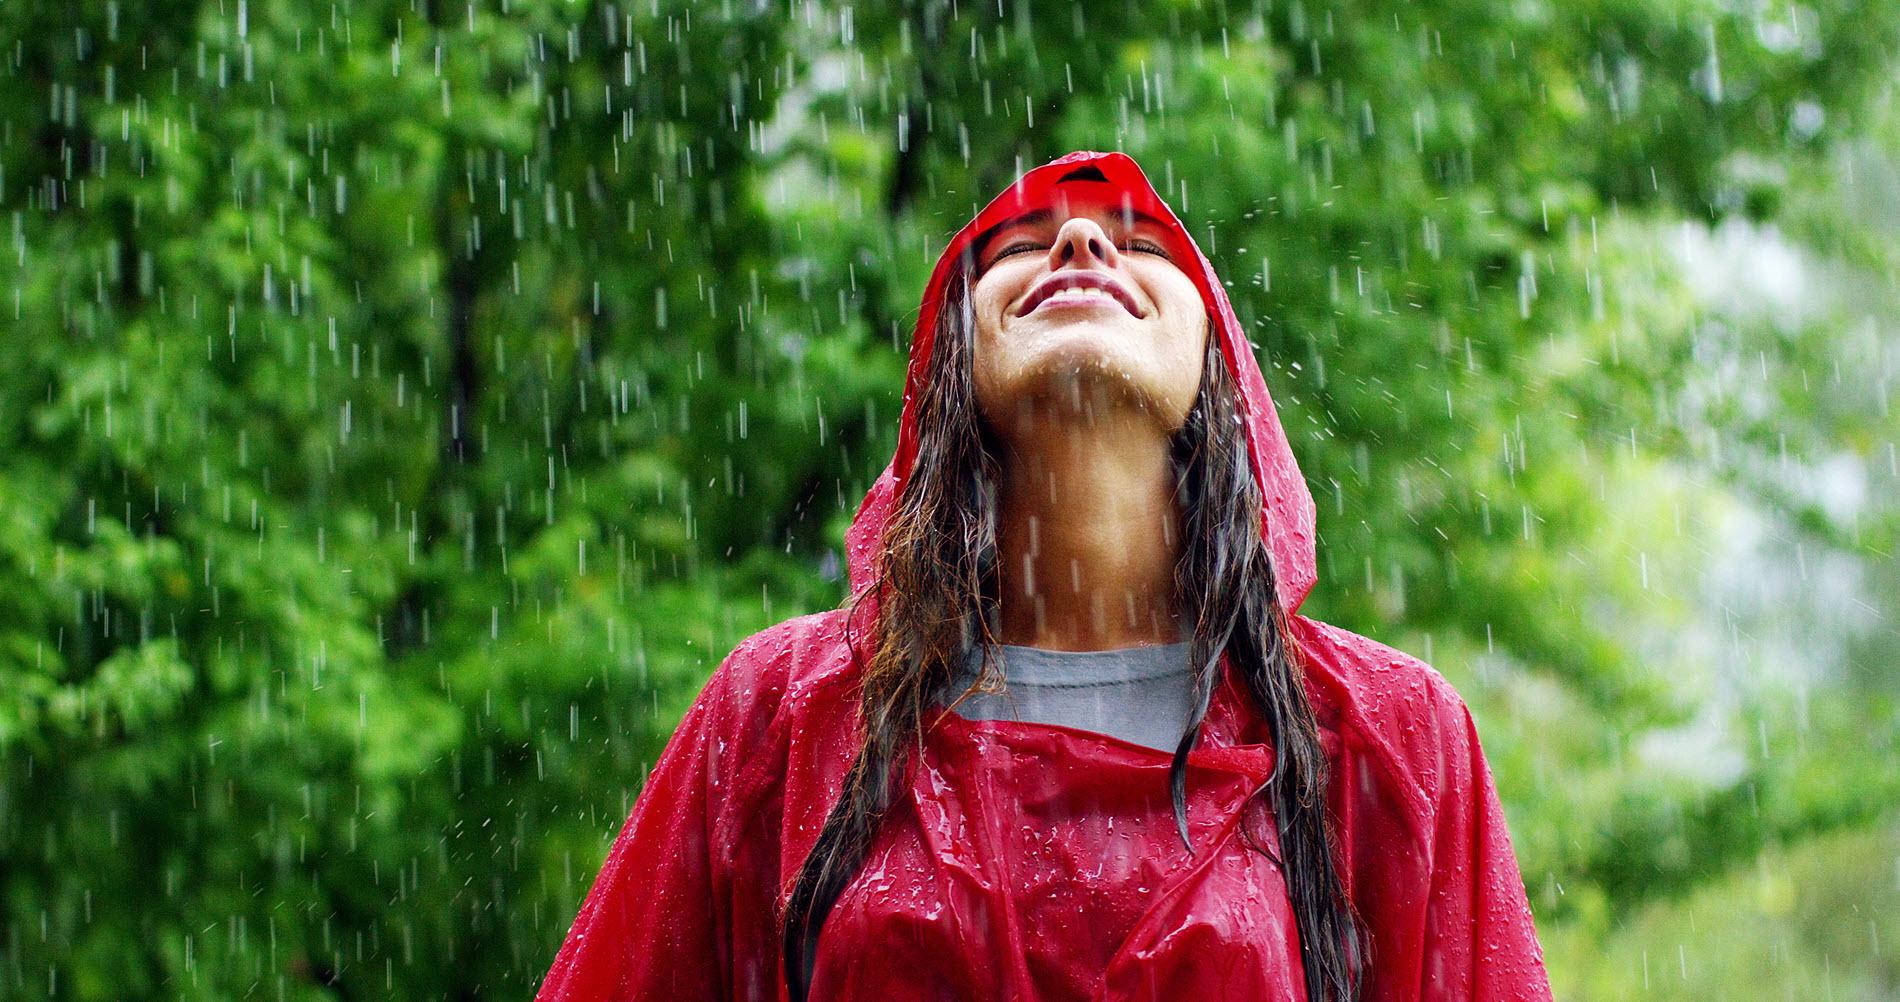 Vrouw met rood regenpak in regen